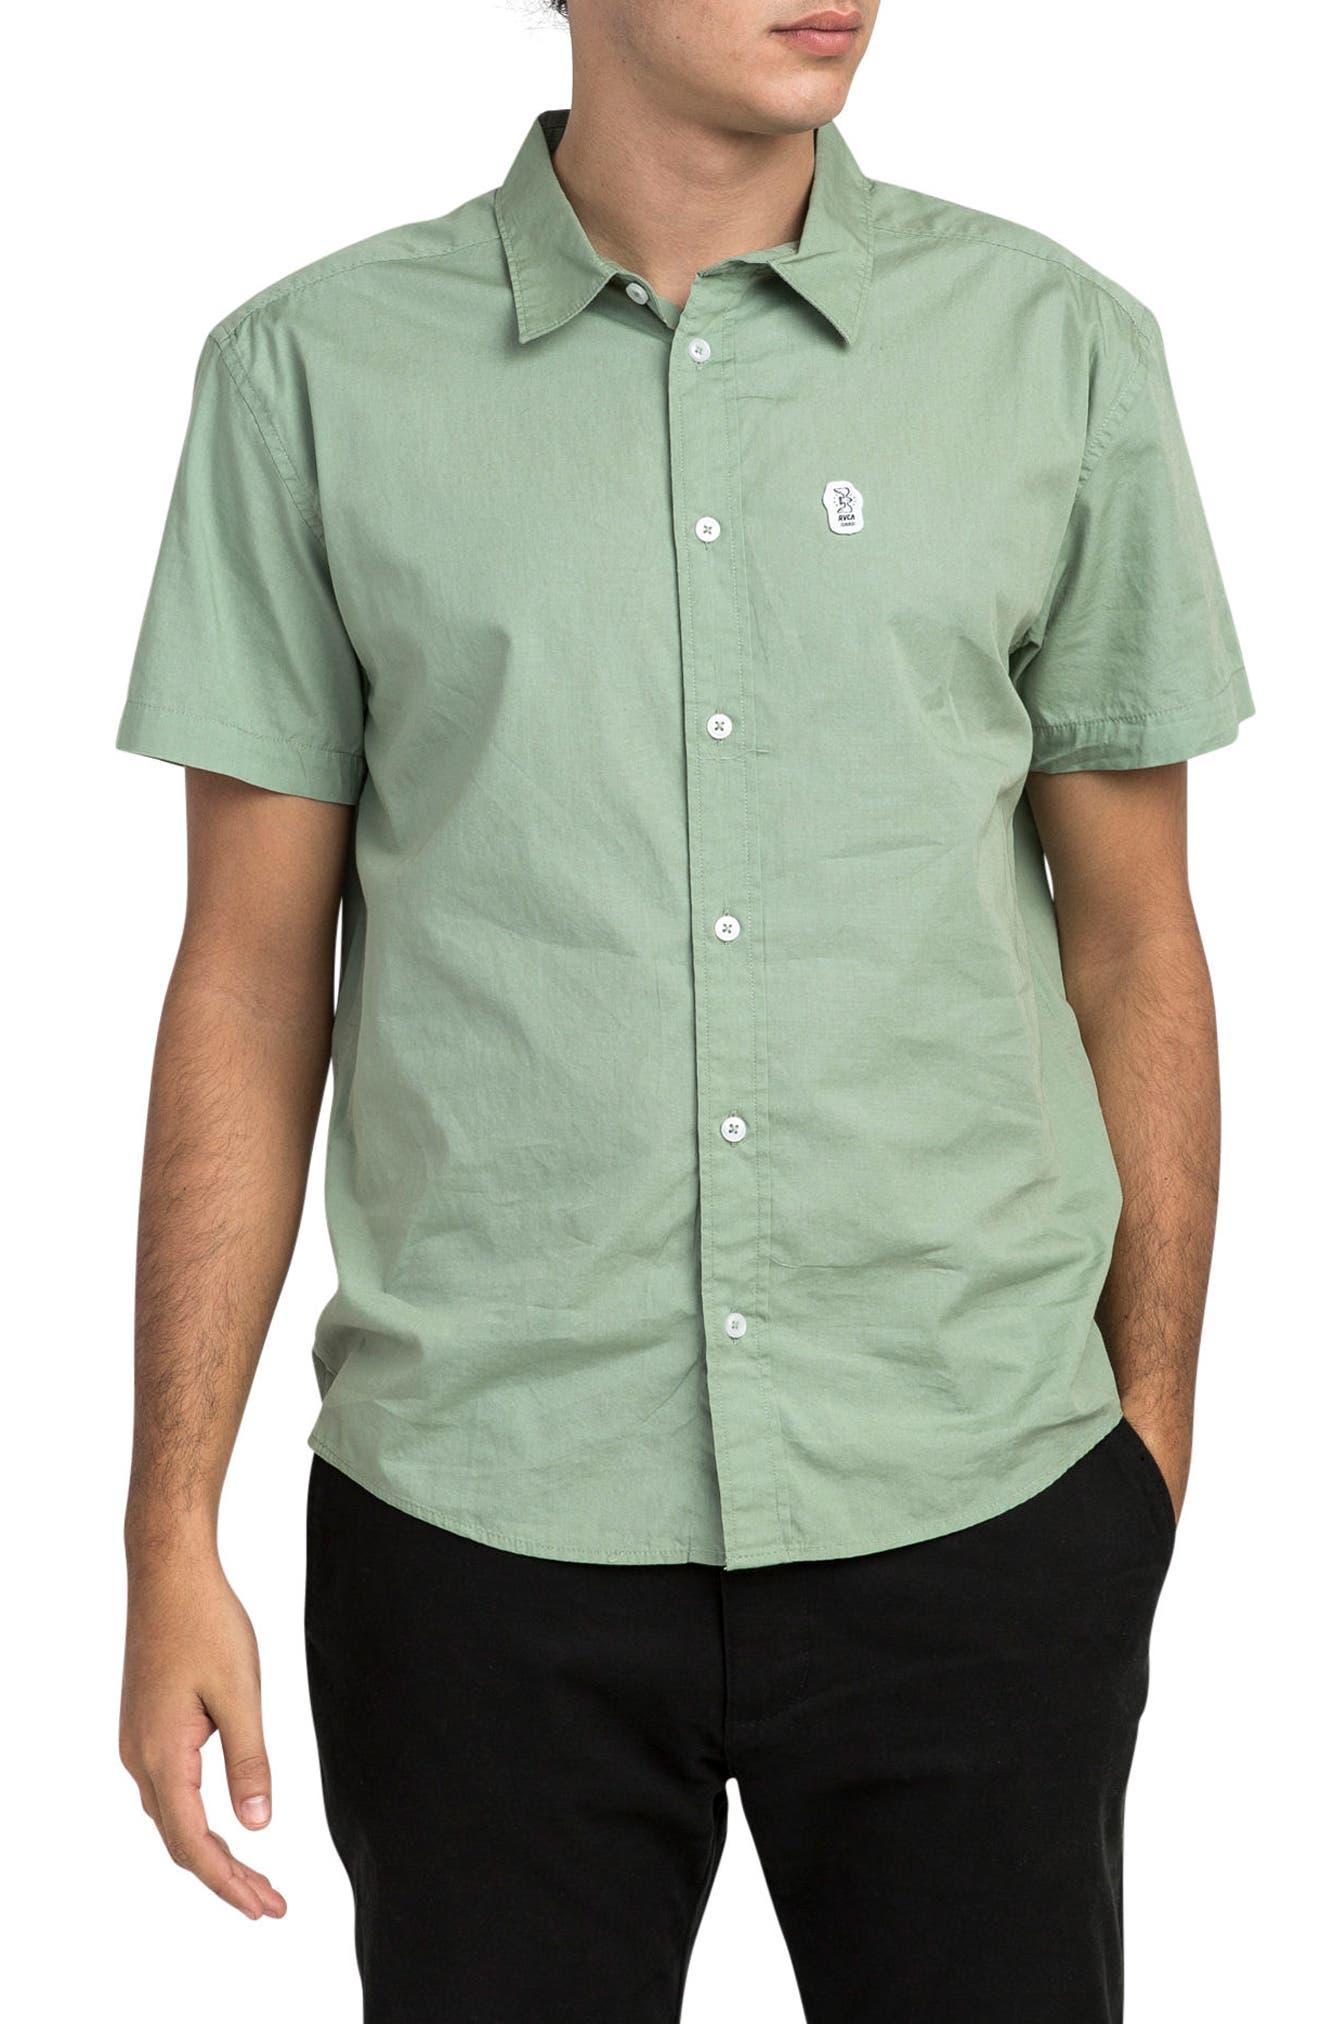 RVCA Stress Short Sleeve Shirt